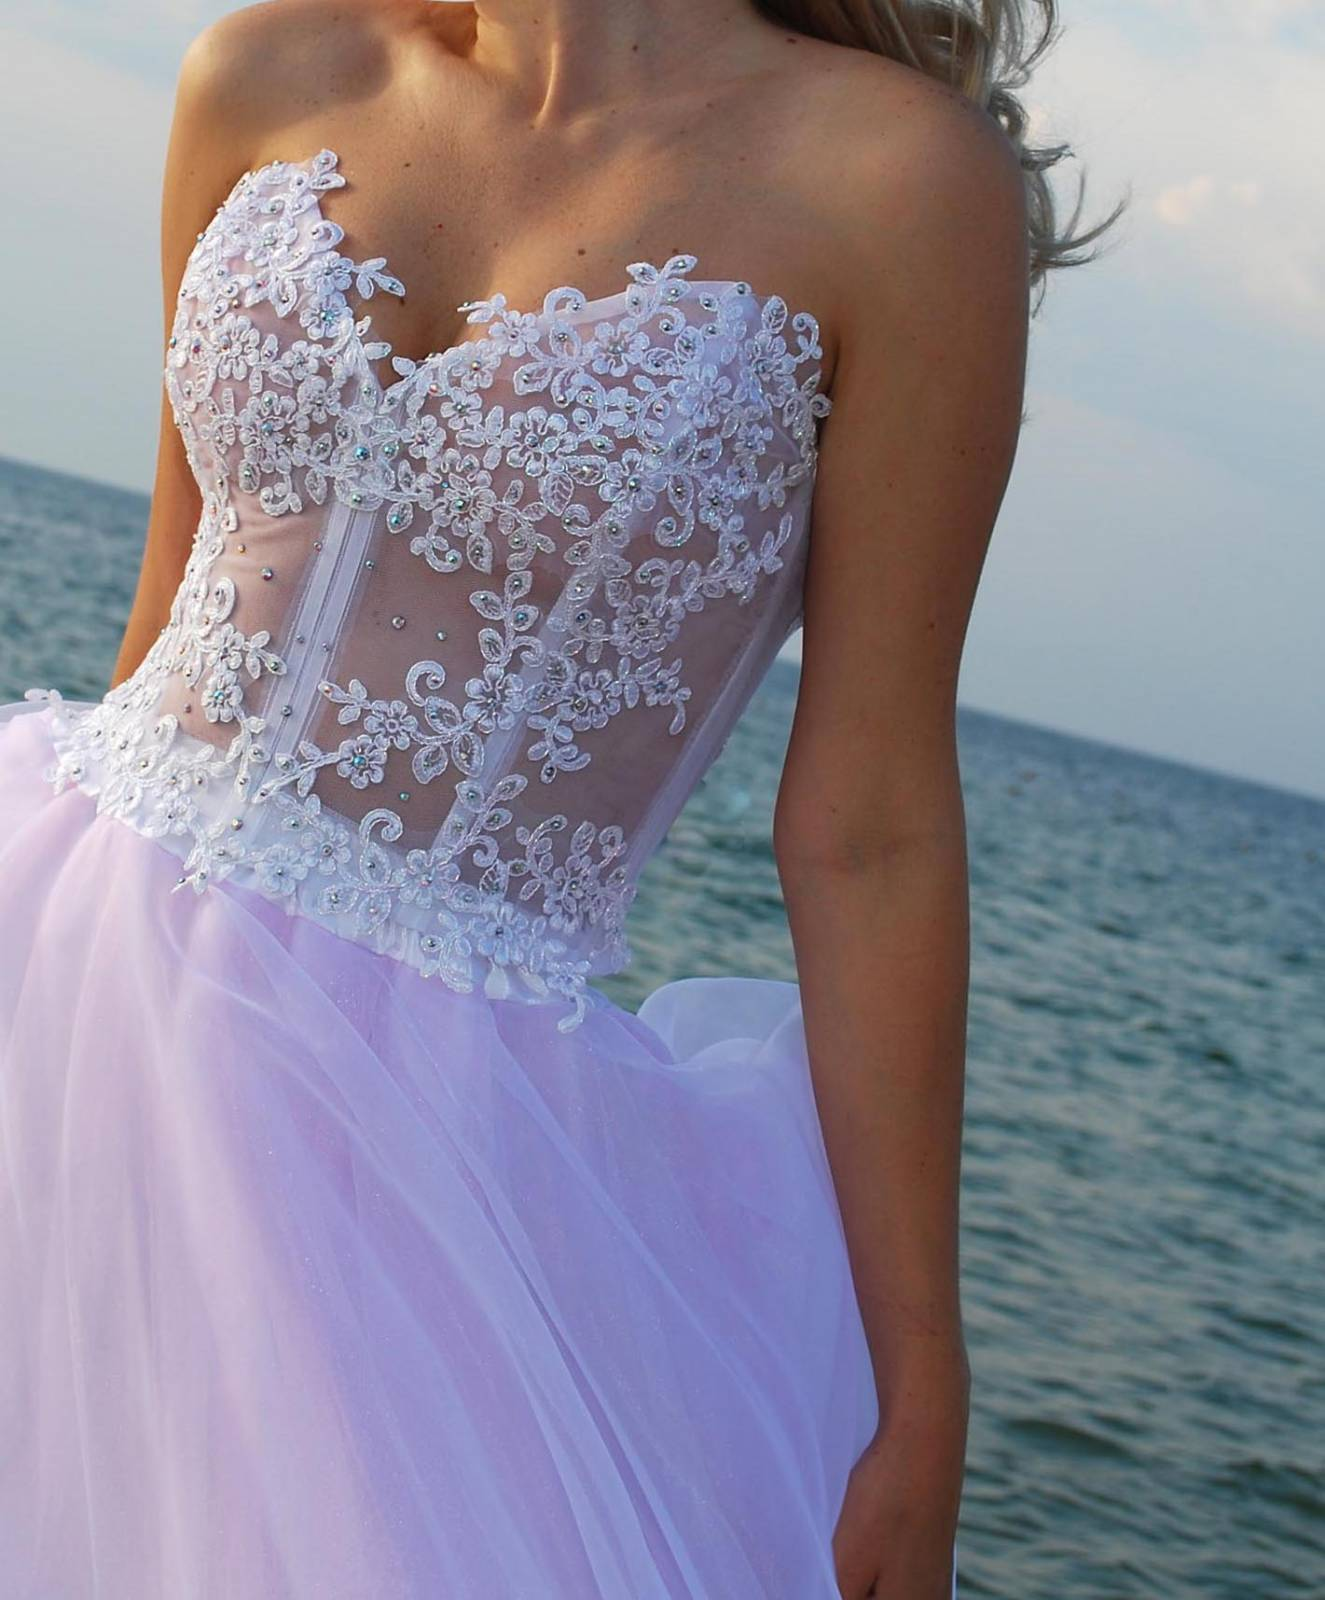 Как сшить свадебное платье своими руками: инструкция для невест 3